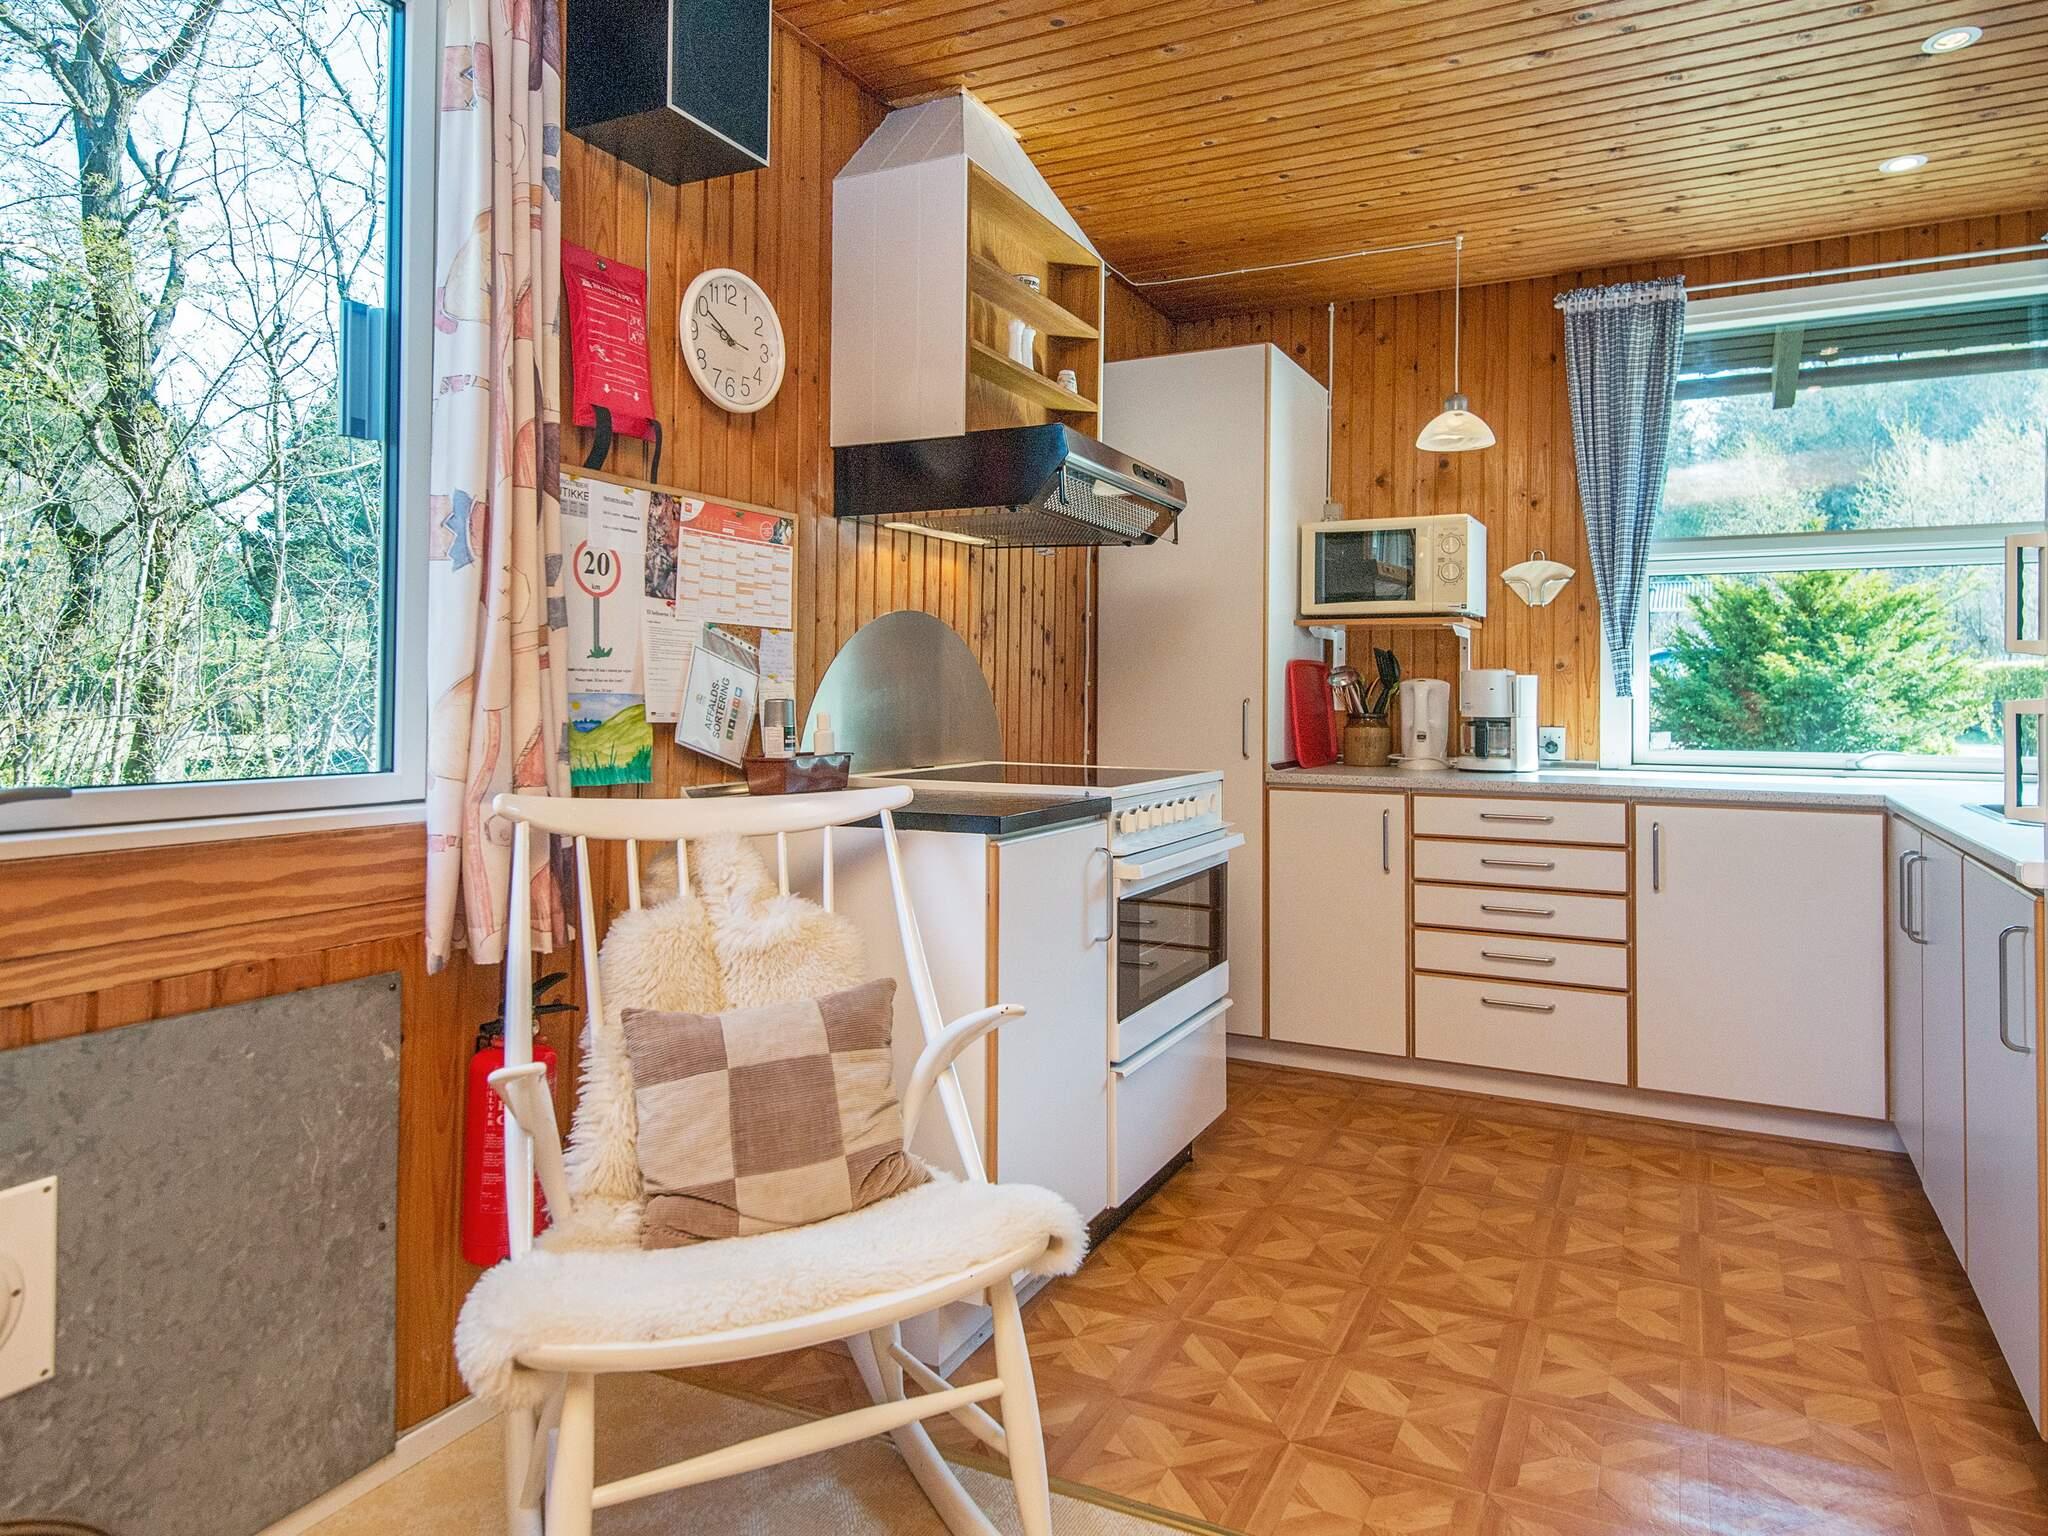 Ferienhaus Silkeborg (2354771), Silkeborg, , Ostjütland, Dänemark, Bild 13